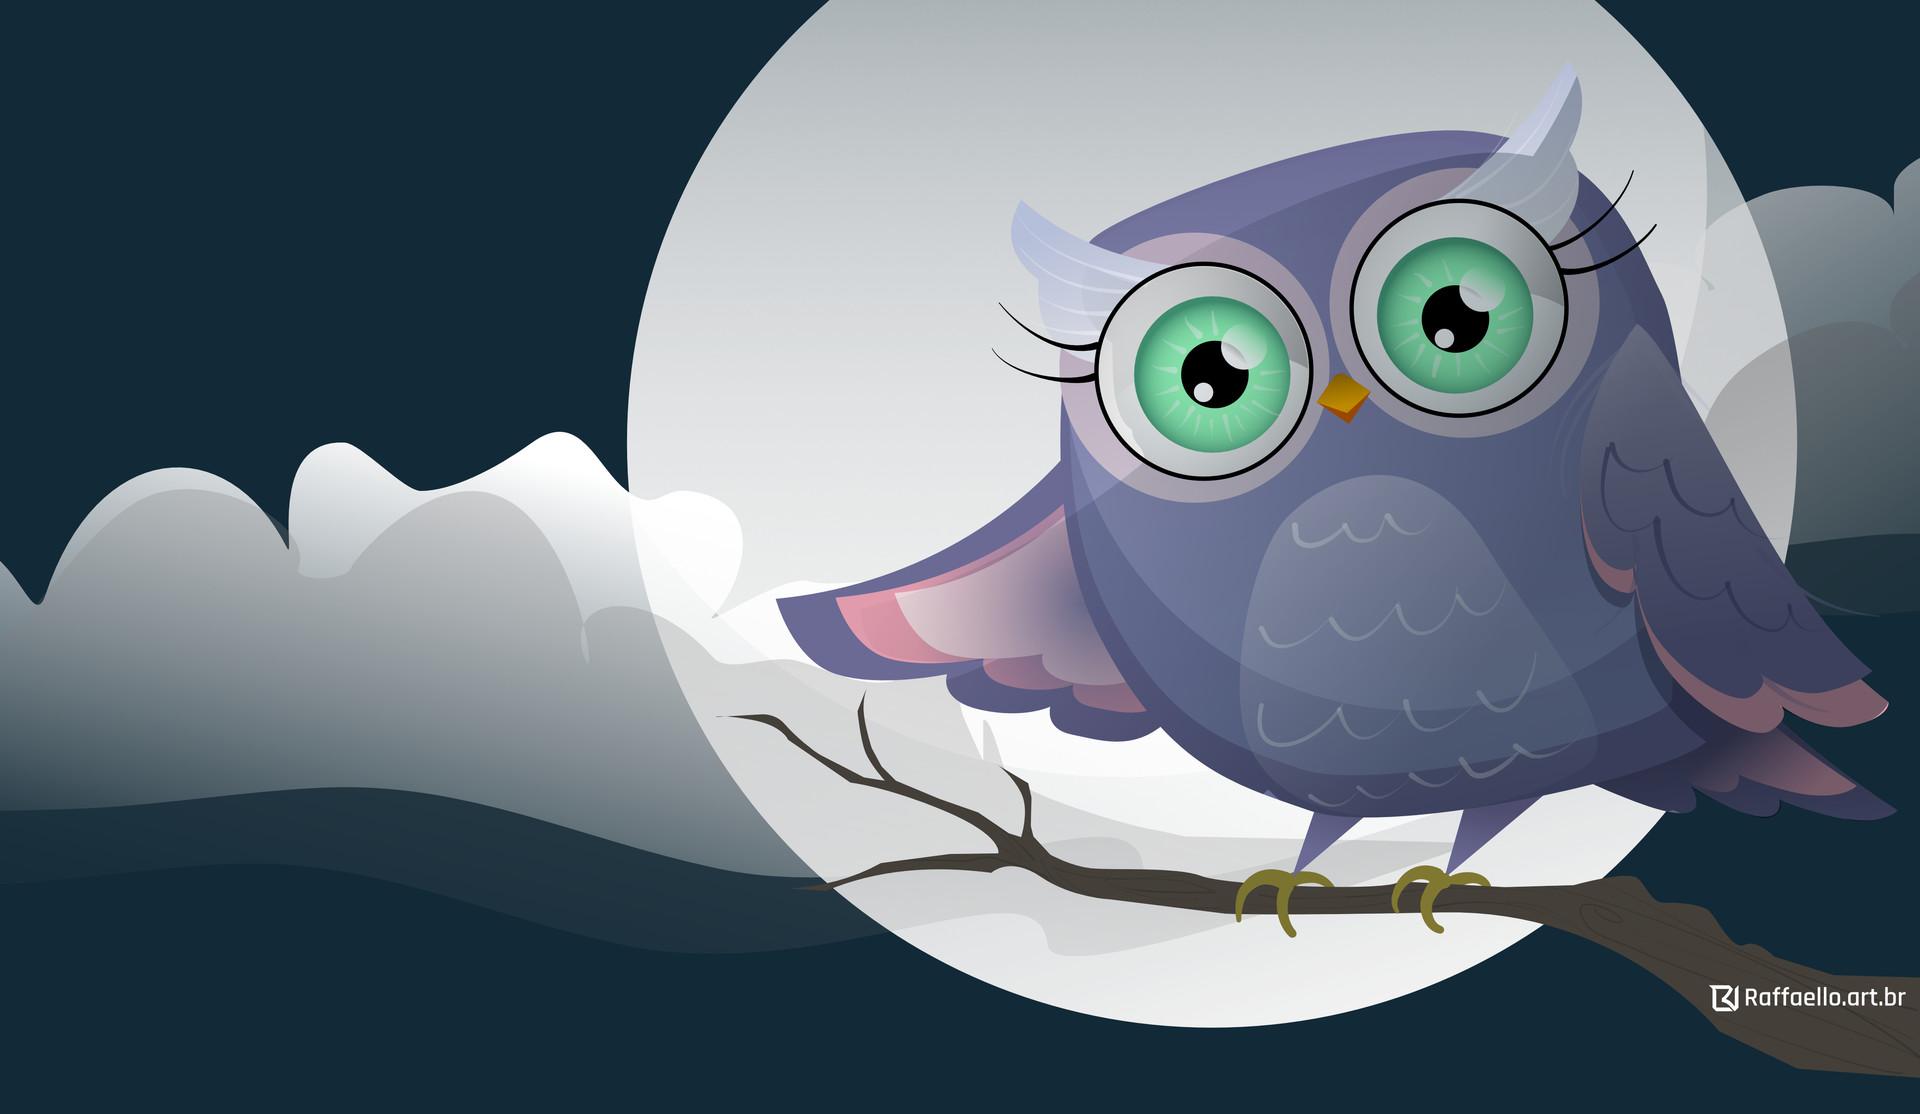 Luiz raffaello owl vetor